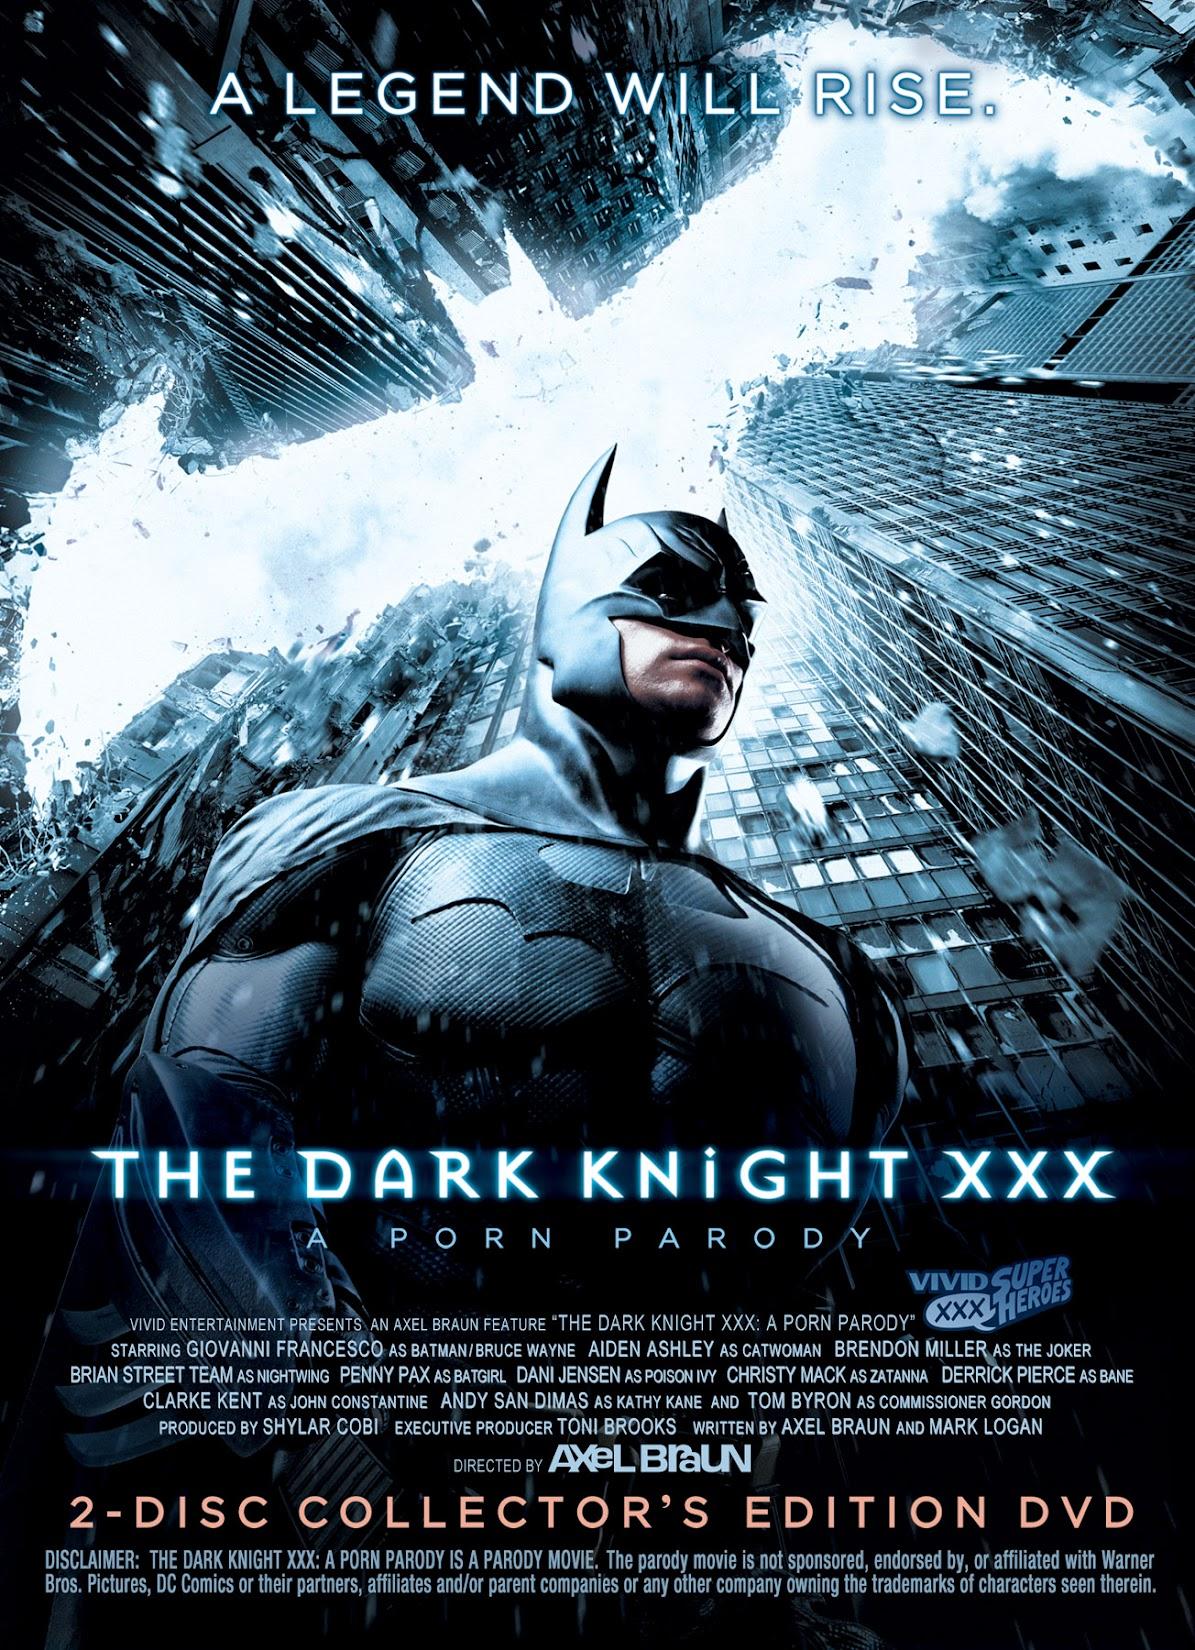 http://4.bp.blogspot.com/-HL4nLCc5tSY/UJfXWsM1j1I/AAAAAAAAM5M/p3O3DMQqy1g/s1650/dark_knight_xxx_front.jpg